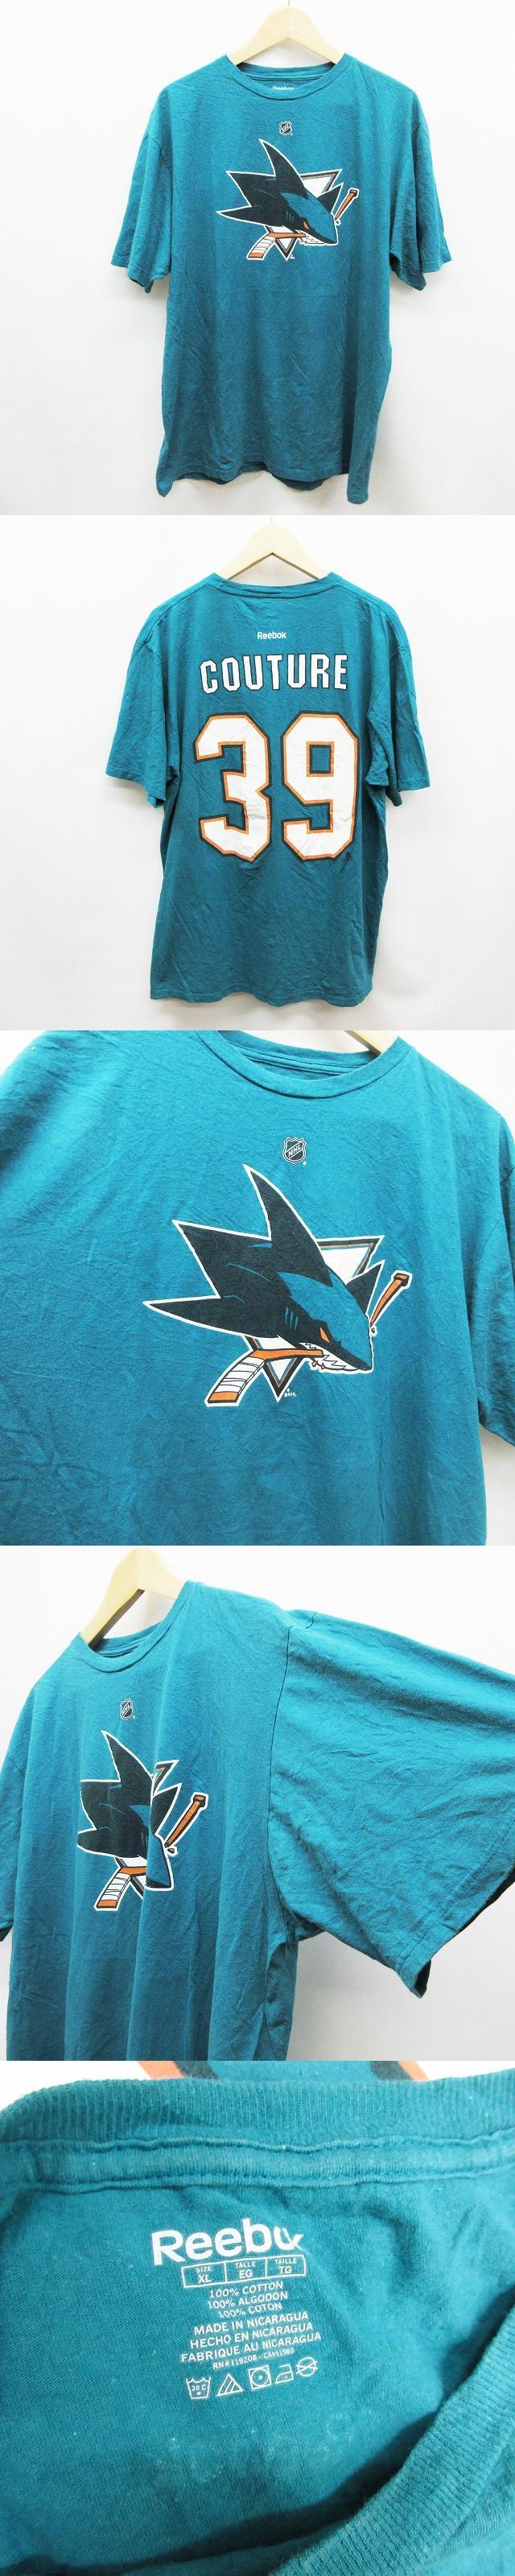 Tシャツ カットソー 半袖 丸首 クルーネック NHL サンノゼ シャークス COUTURE 30 ロゴ プリント 綿 コットン 100% XL 緑 ターコイズグリーン系 ● 13